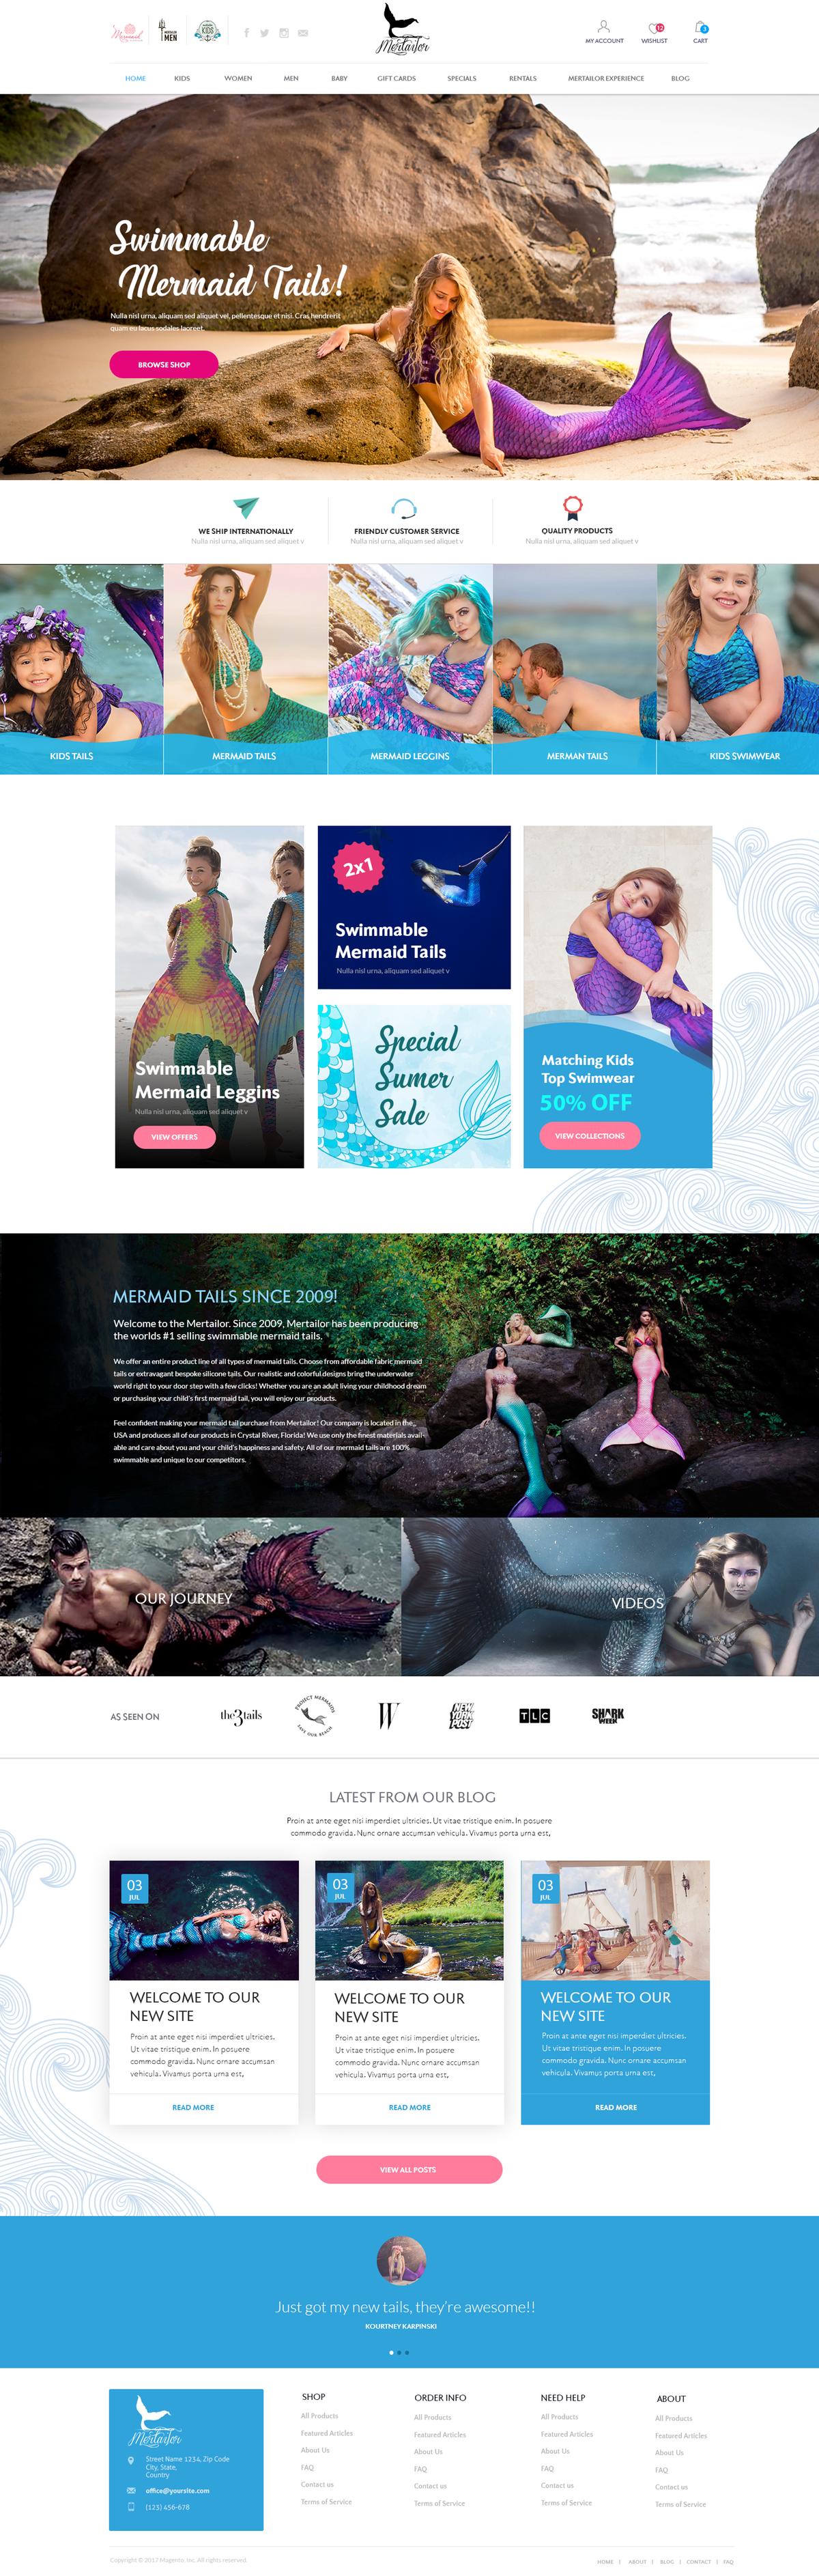 Mertailor Mermaid Tail Website Design for Magento 2